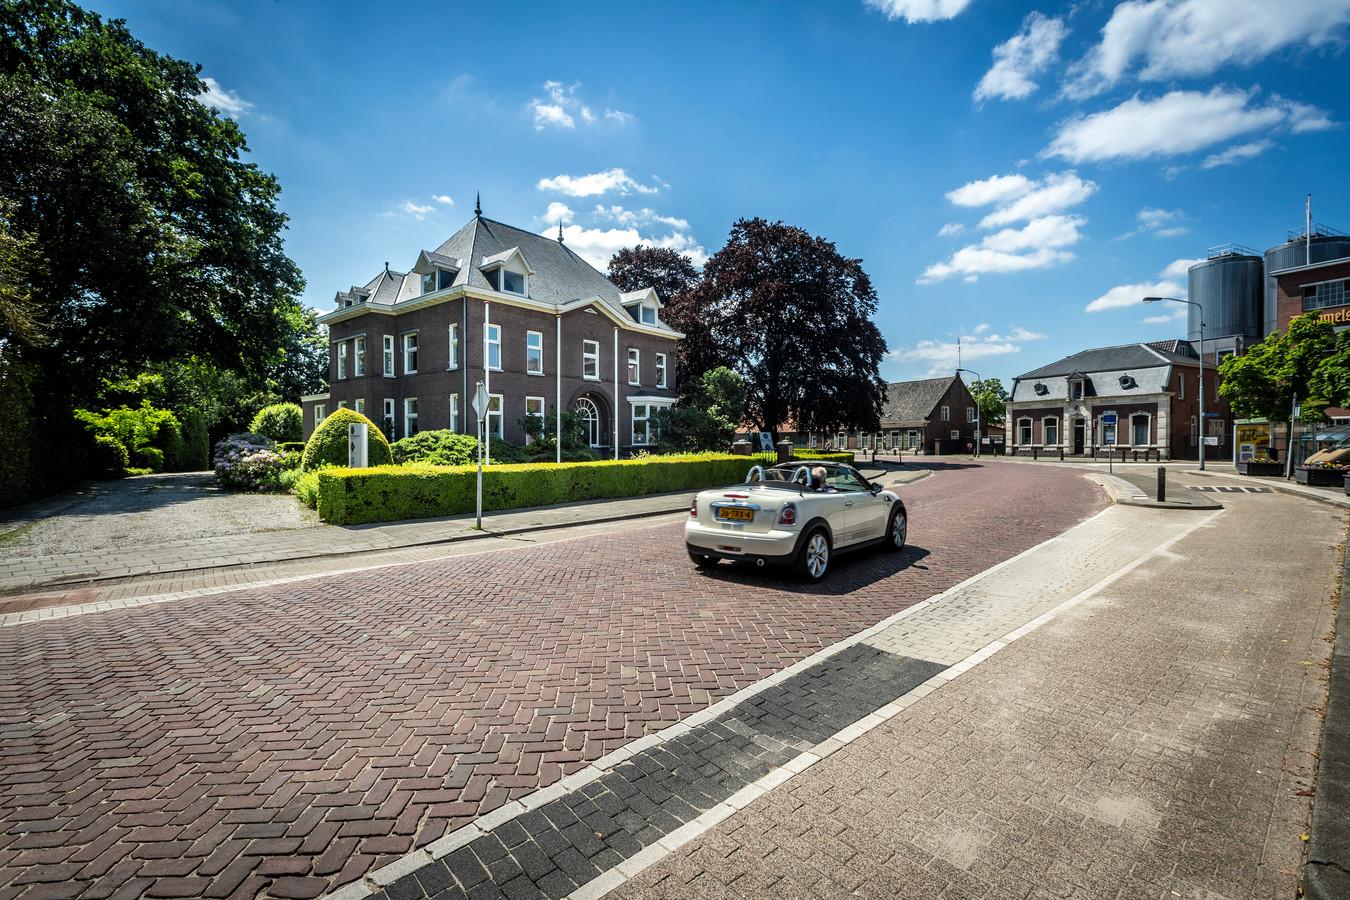 In de tuin van de monumentale villa De Berg in Dommelen komen zestien appartementen.